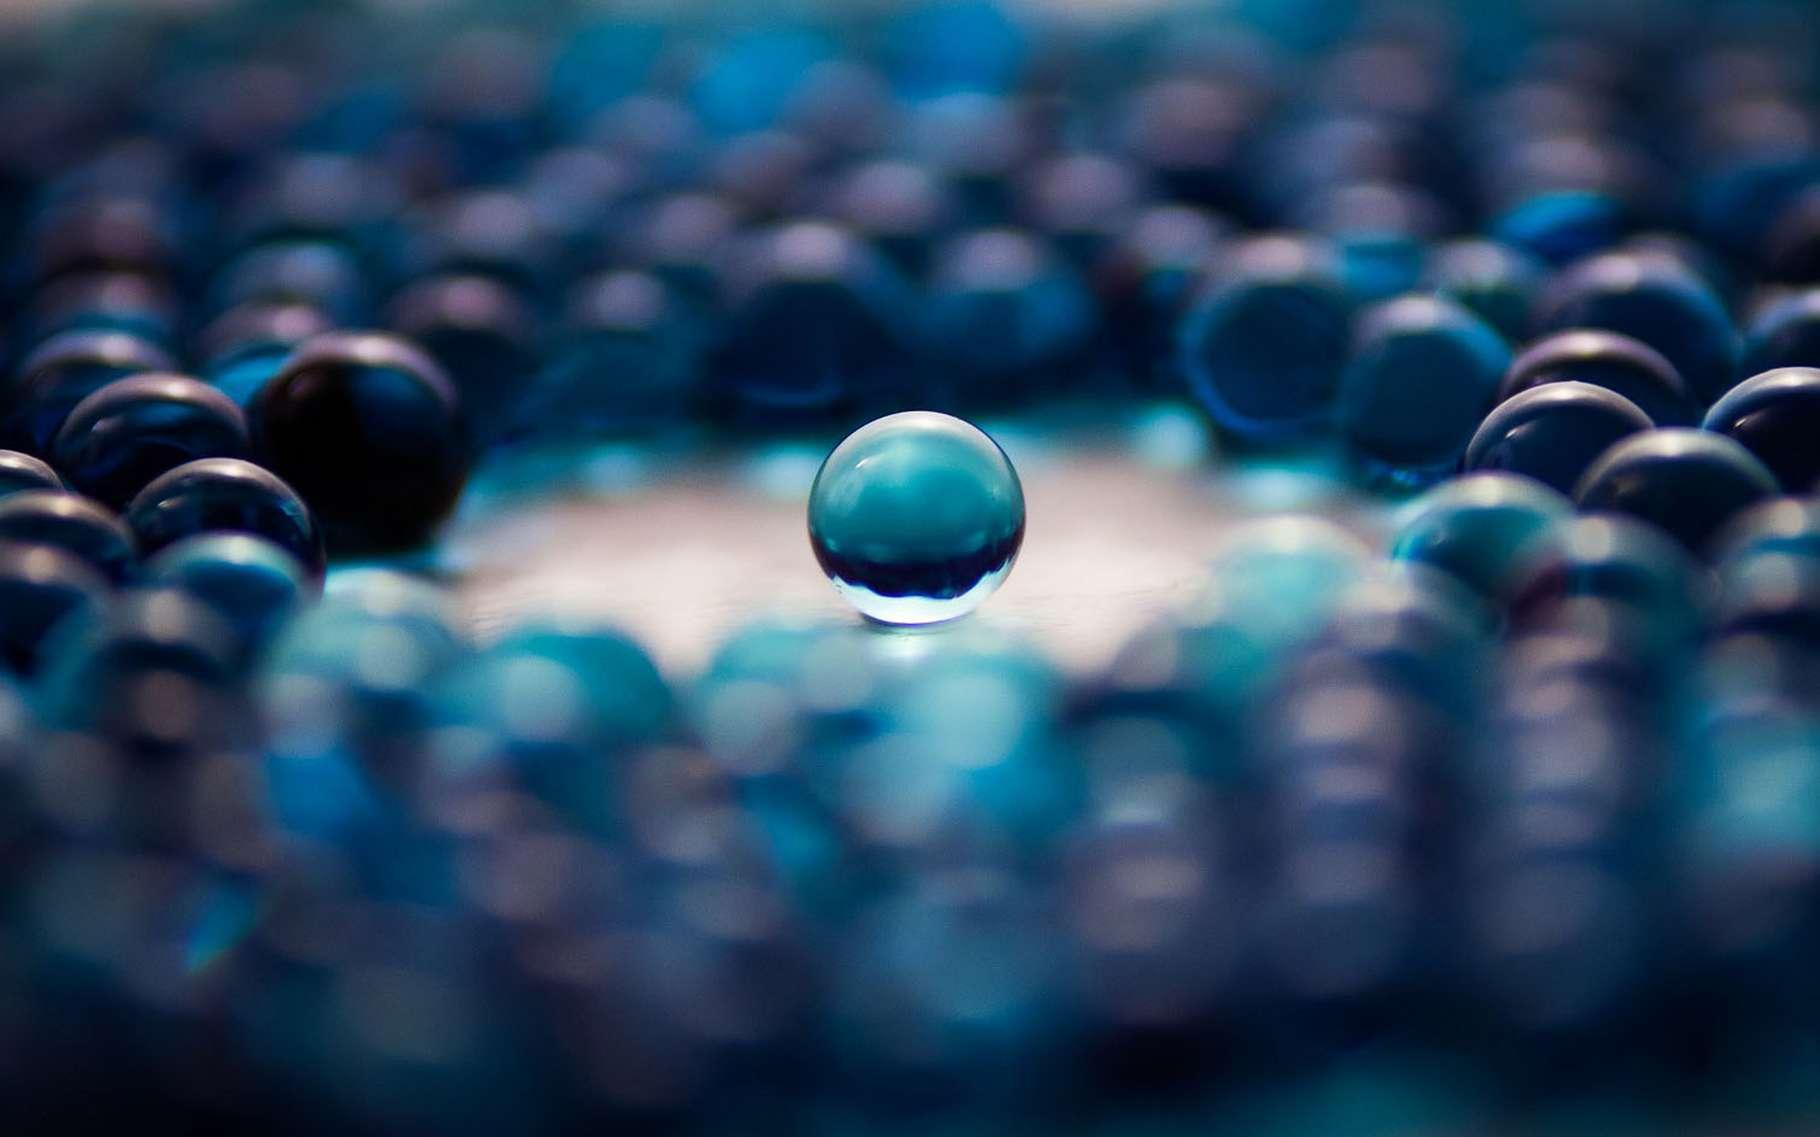 Le cubage de la sphère consiste à construire un cube de même volume qu'une sphère donnée... avec règle et compas. © Spitshire, Pixabay, DP